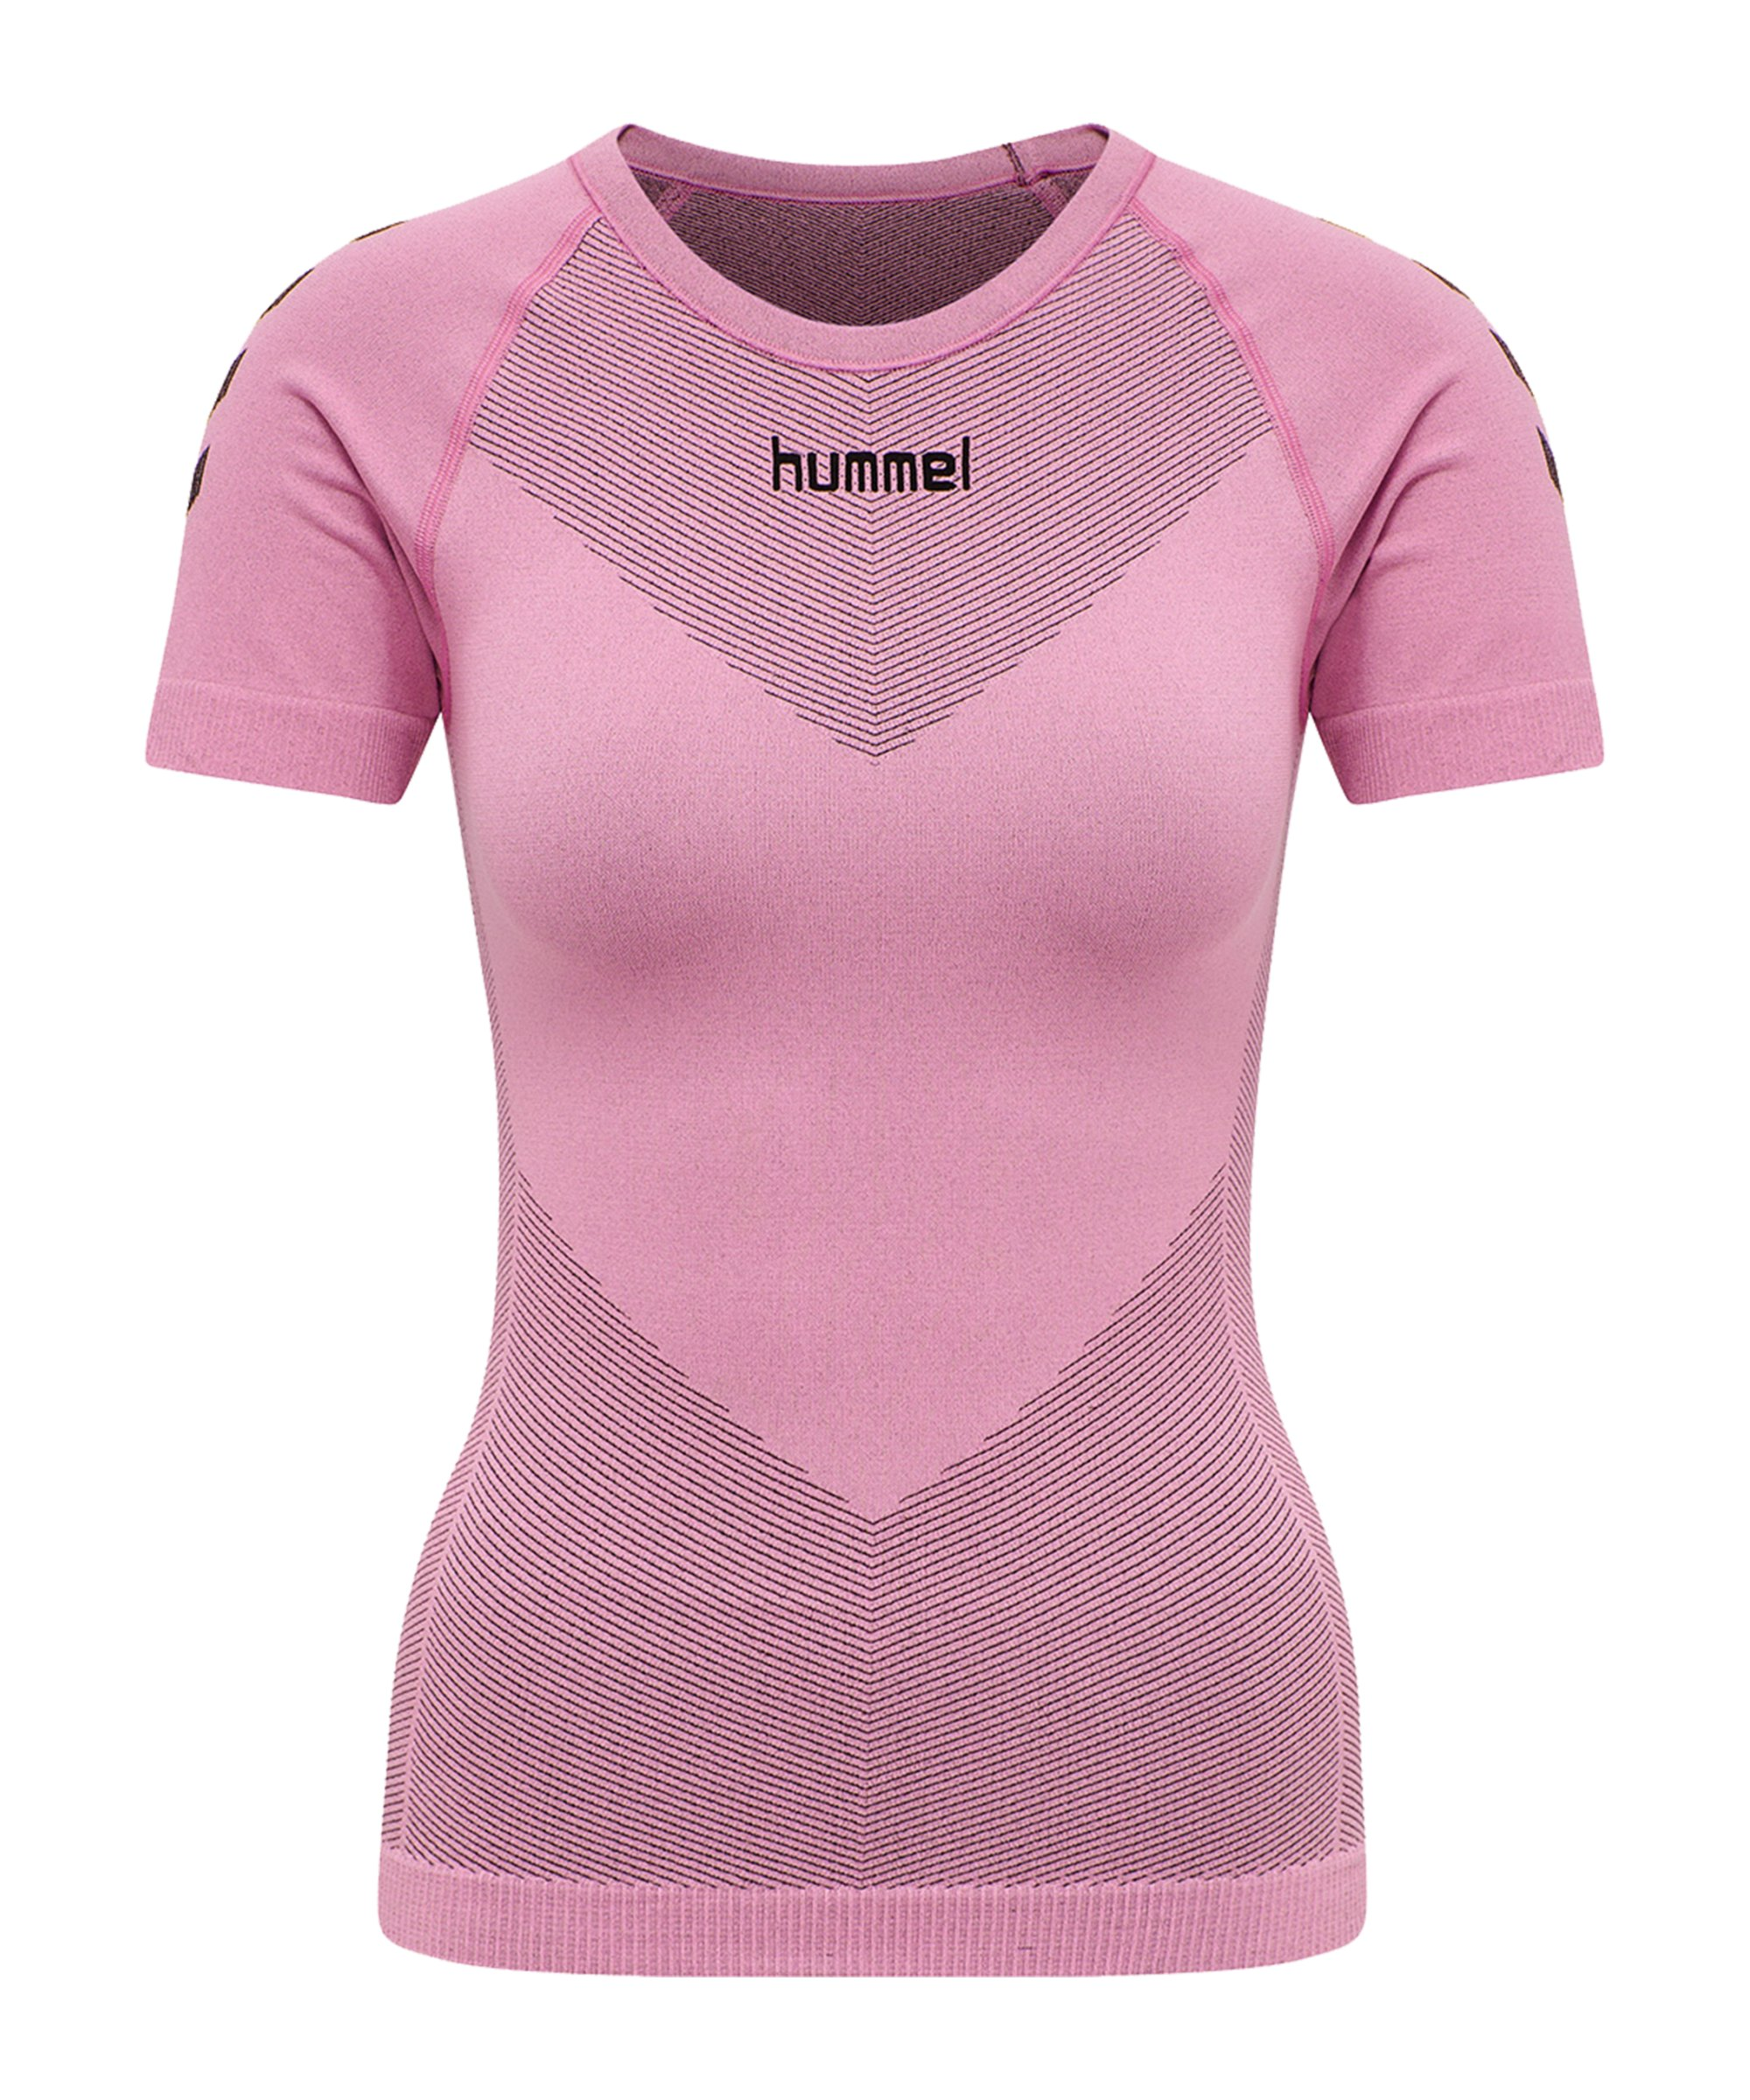 Hummel First Seamless T-Shirt Damen Pink F3257 - pink